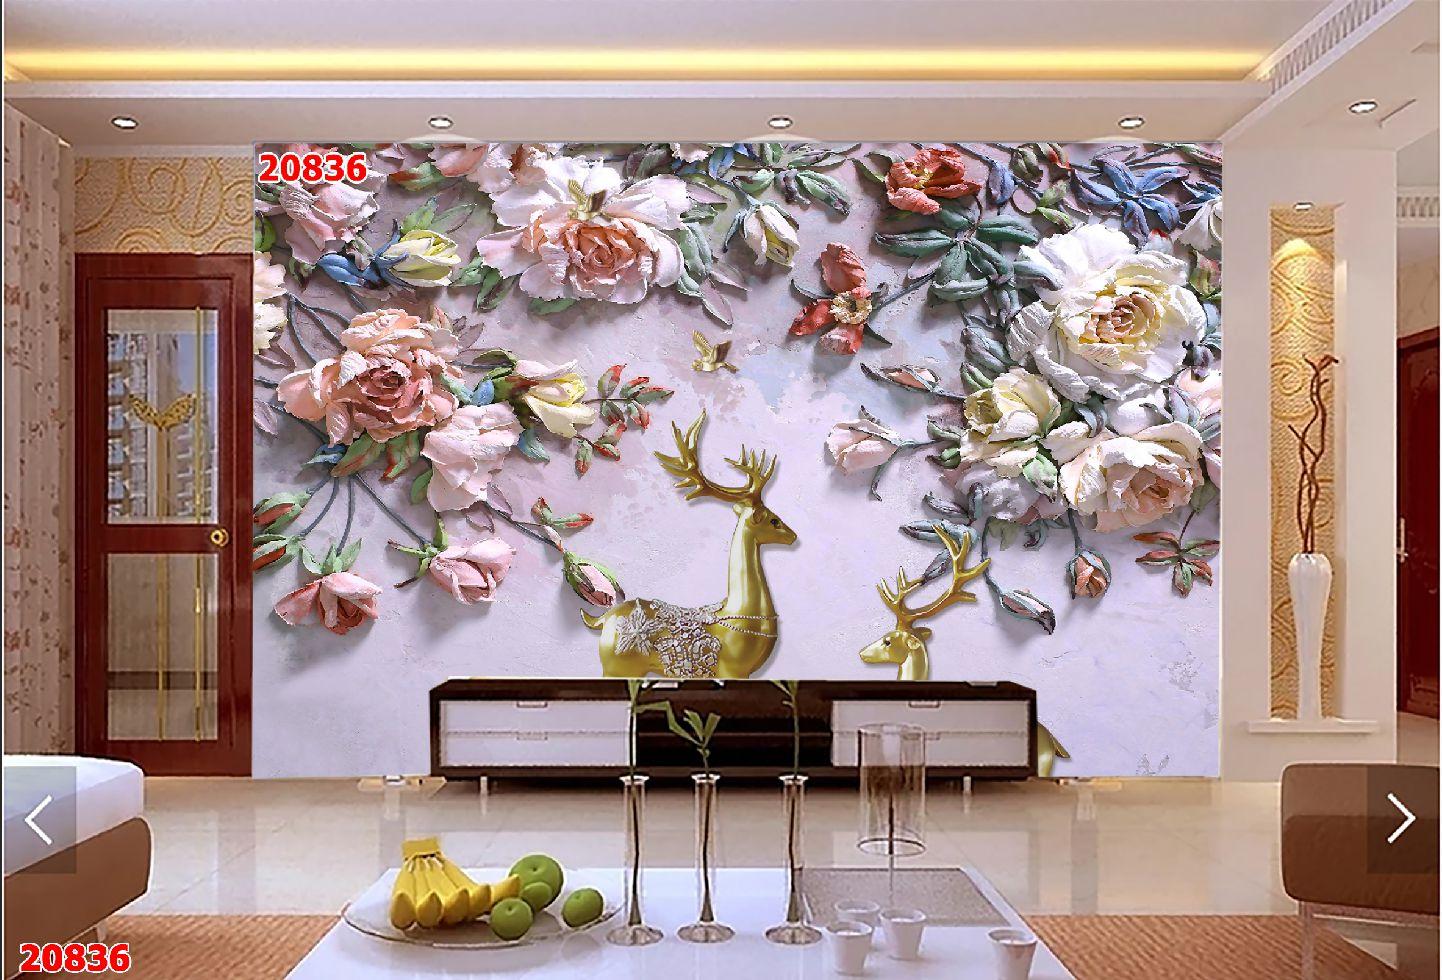 Tranh Hoa 3D - 20836